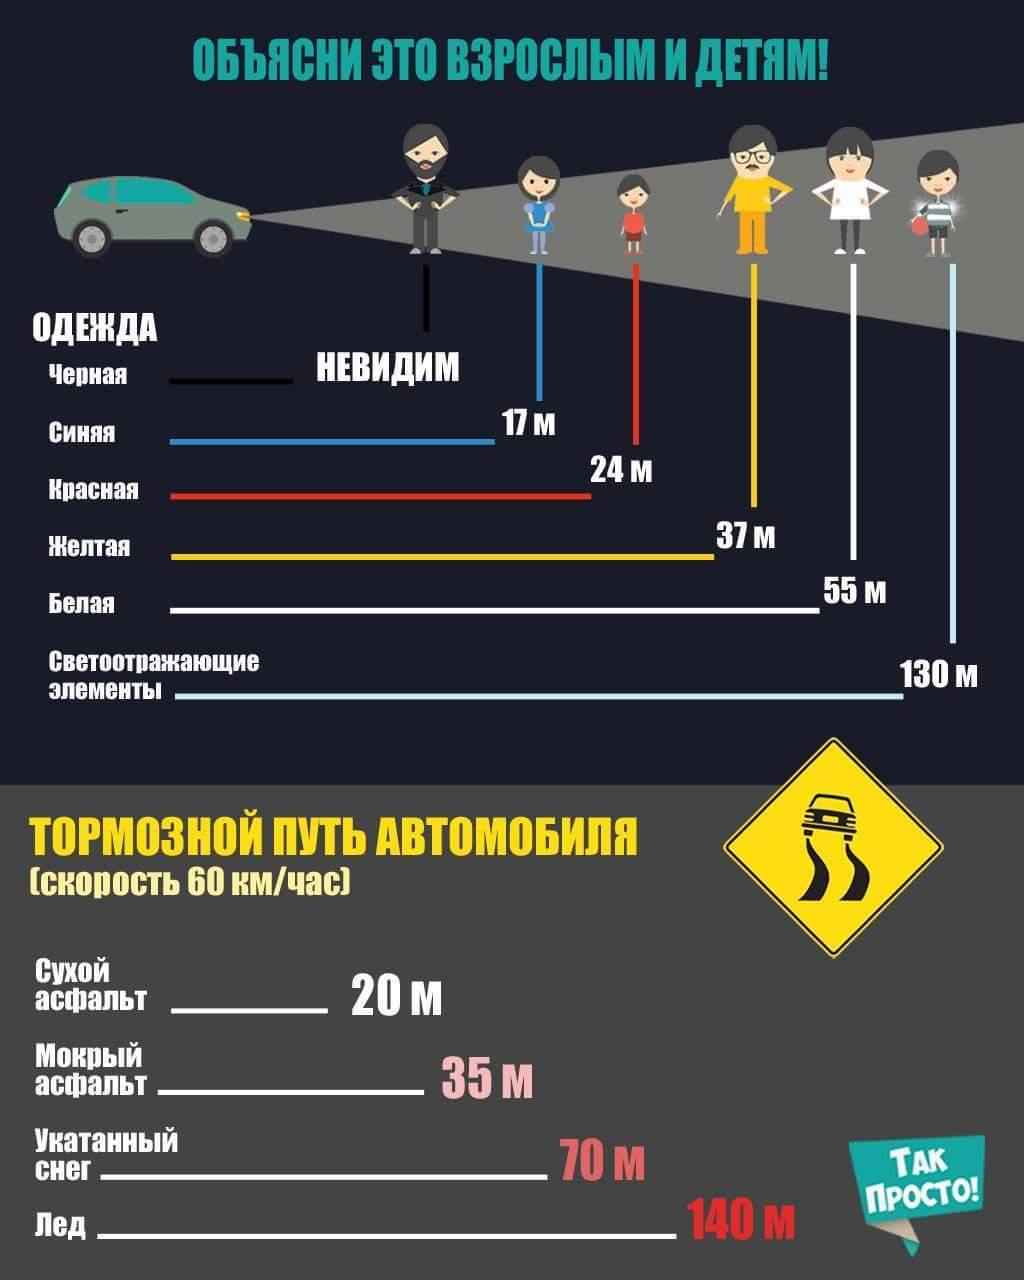 Тормозной путь при экстренном торможении автомобиля 34